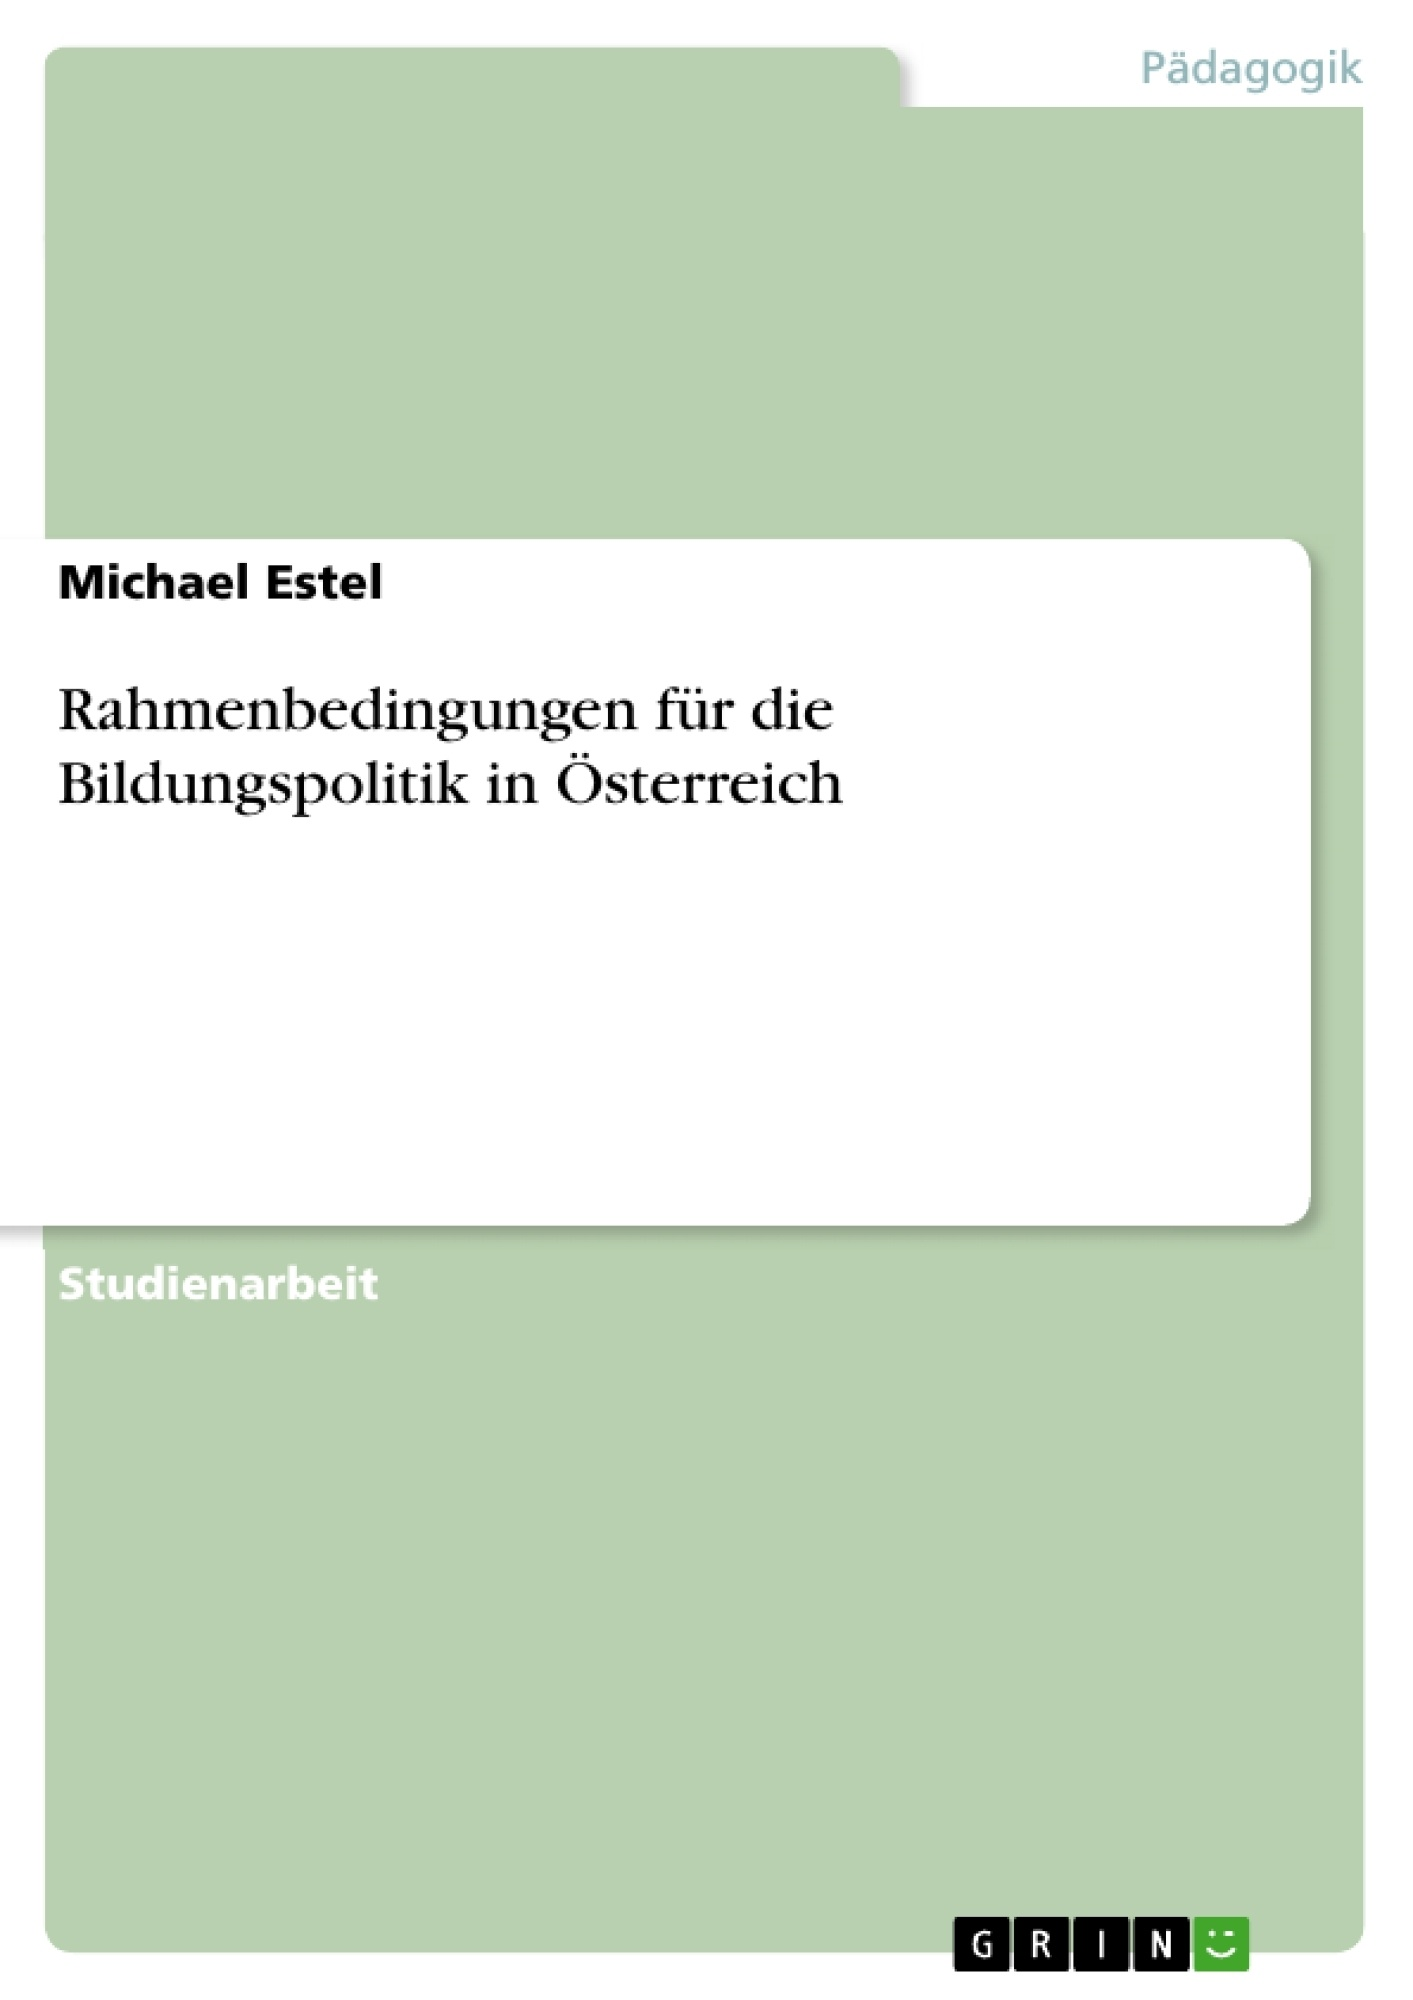 Titel: Rahmenbedingungen für die Bildungspolitik in Österreich